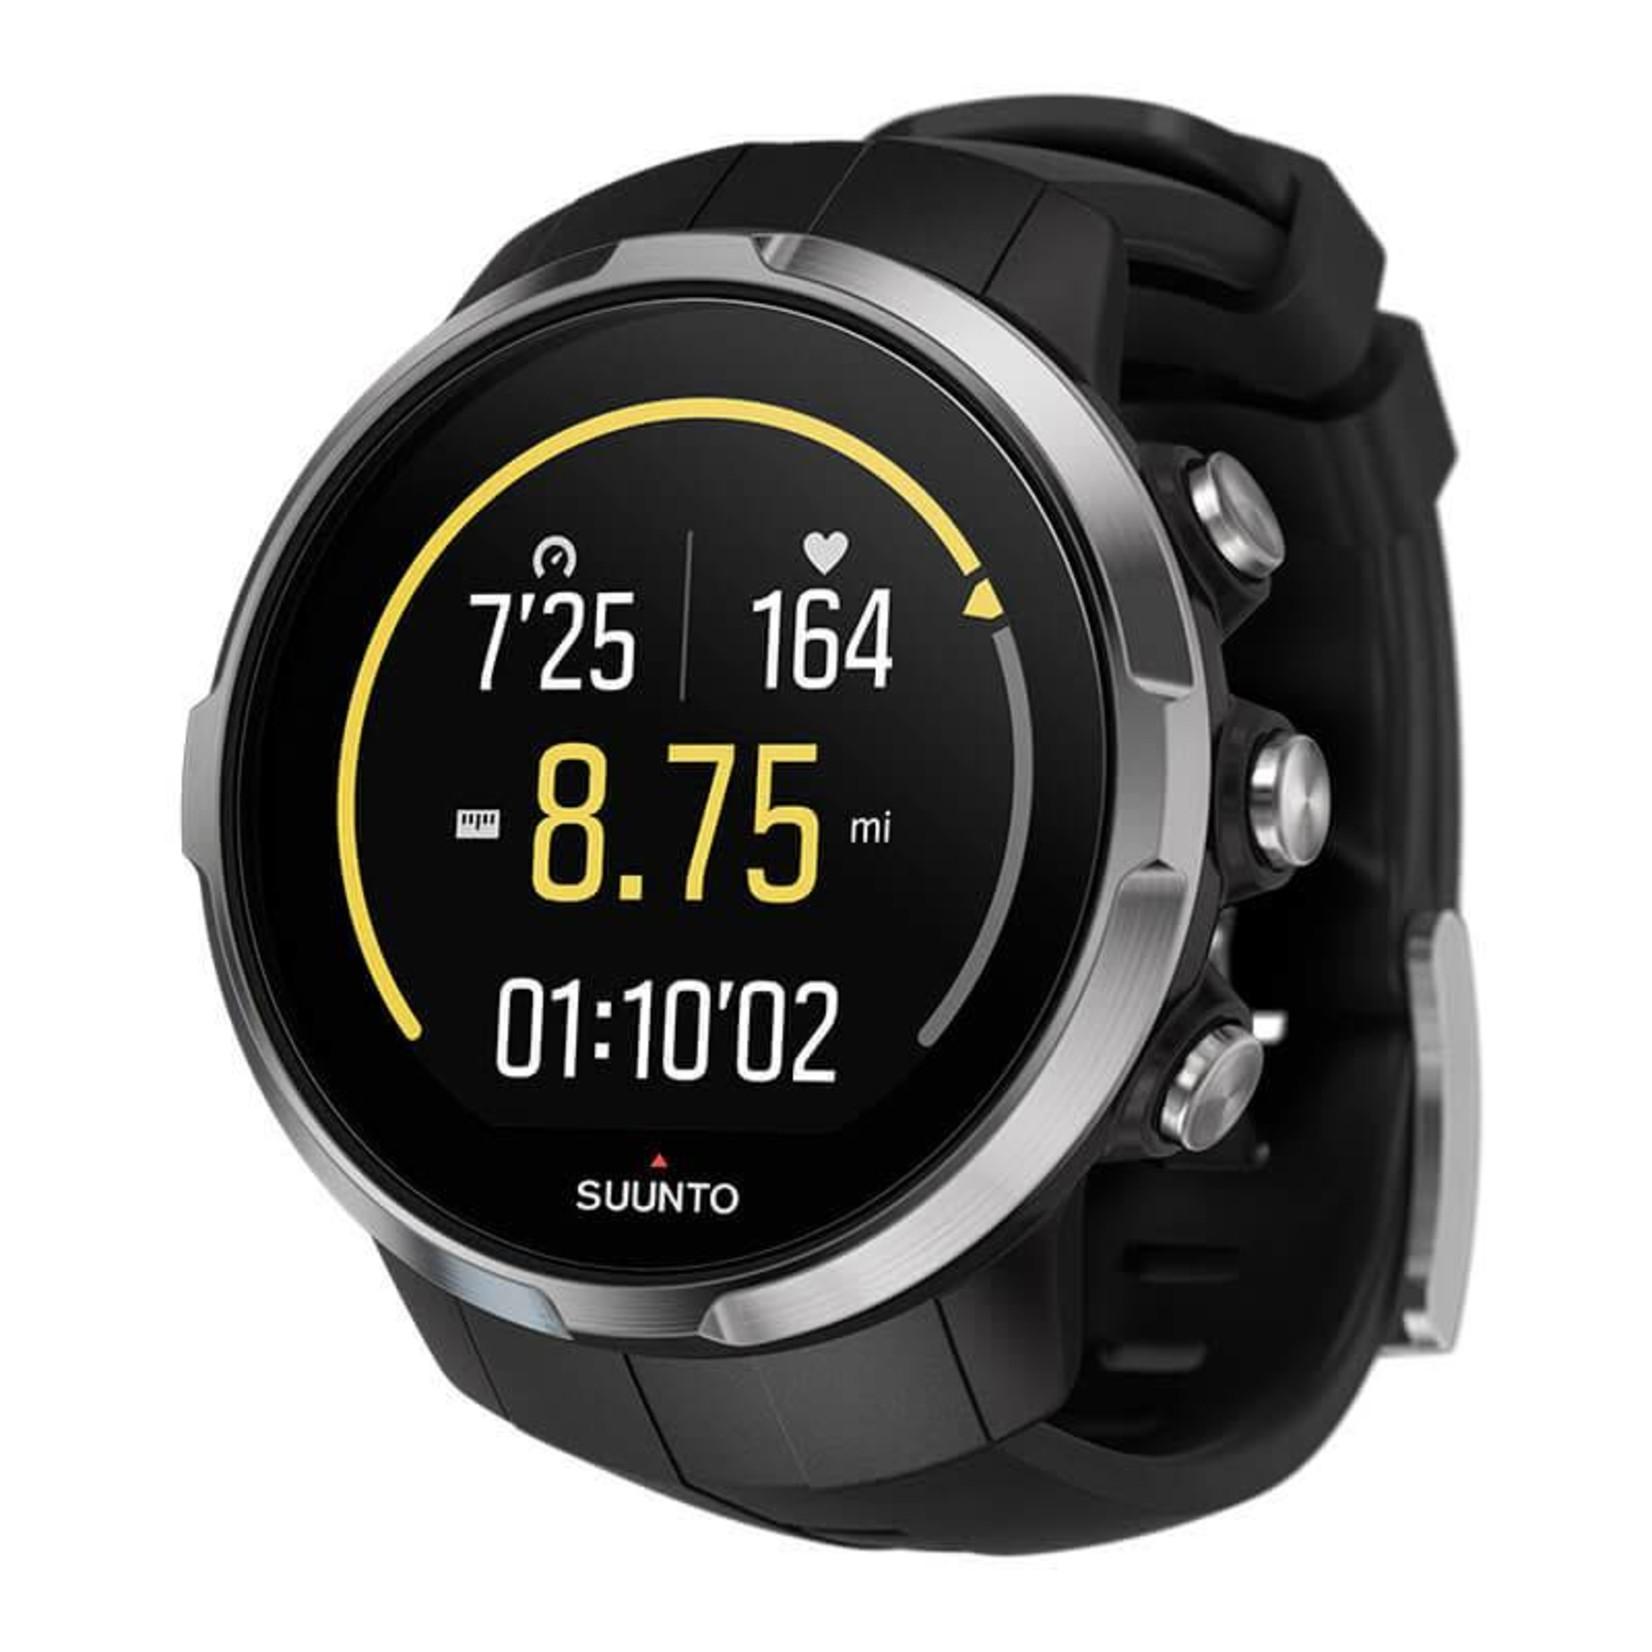 Suunto Suunto Spartan Sport Watch Altimeter